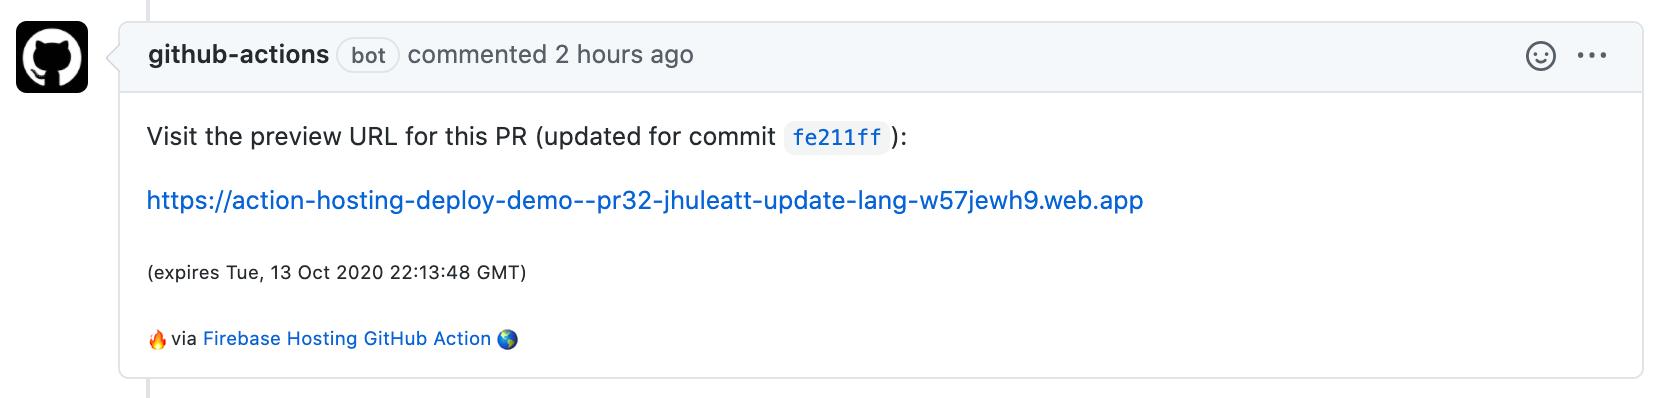 プレビューURLを含むGitHubアクションPRコメントの画像